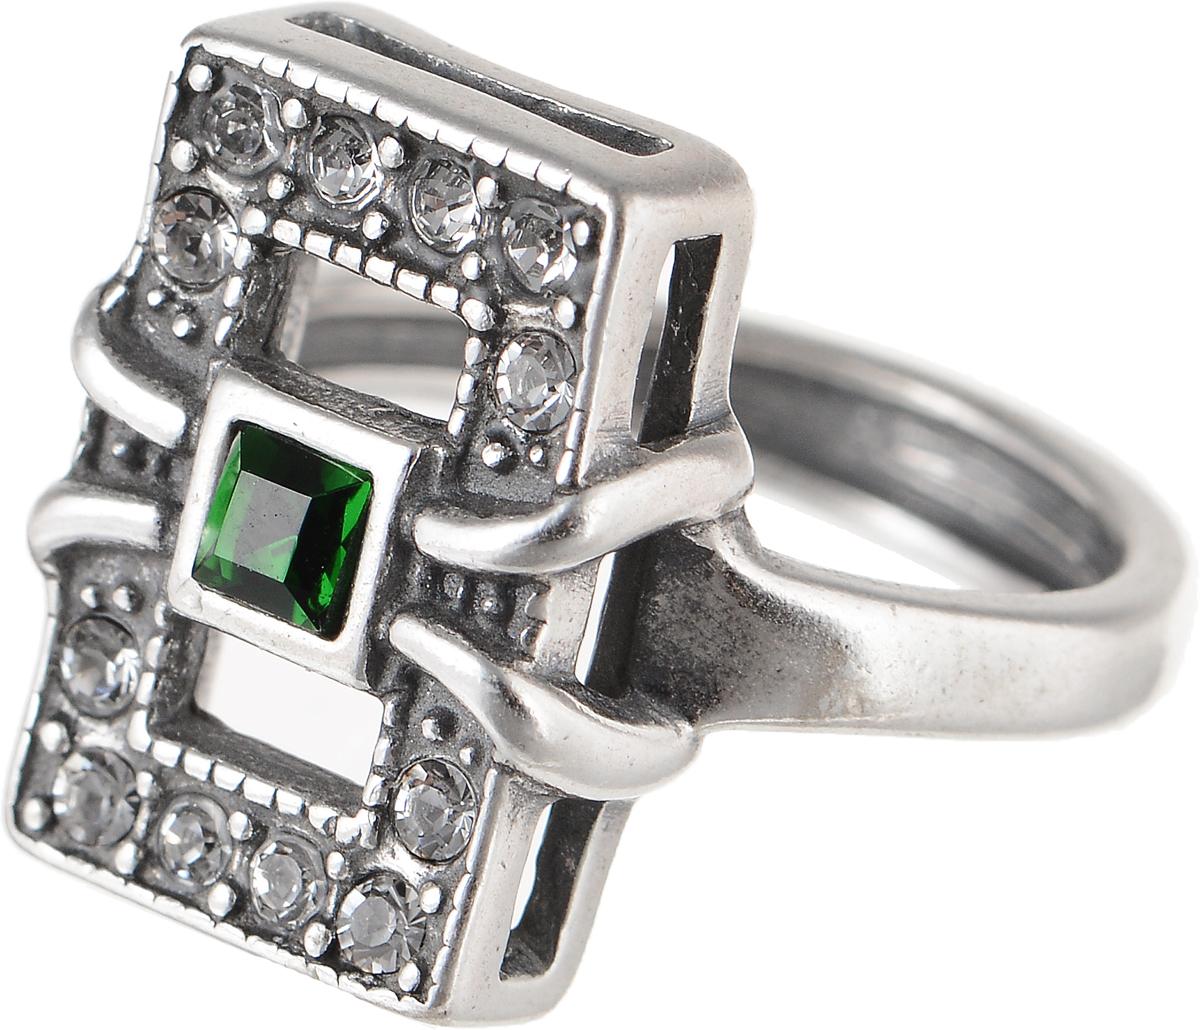 Кольцо Jenavi Изумрудные мечты. Риголит, цвет: серебряный, зеленый. h8023030. Размер 16h8023030Элегантное кольцо Jenavi Изумрудные мечты. Риголит изготовлено из гипоаллергенного ювелирного сплава. Декоративная часть оформлена кристаллами Swarovski. Такое стильное кольцо идеально дополнит ваш образ и подчеркнет вашу индивидуальность.